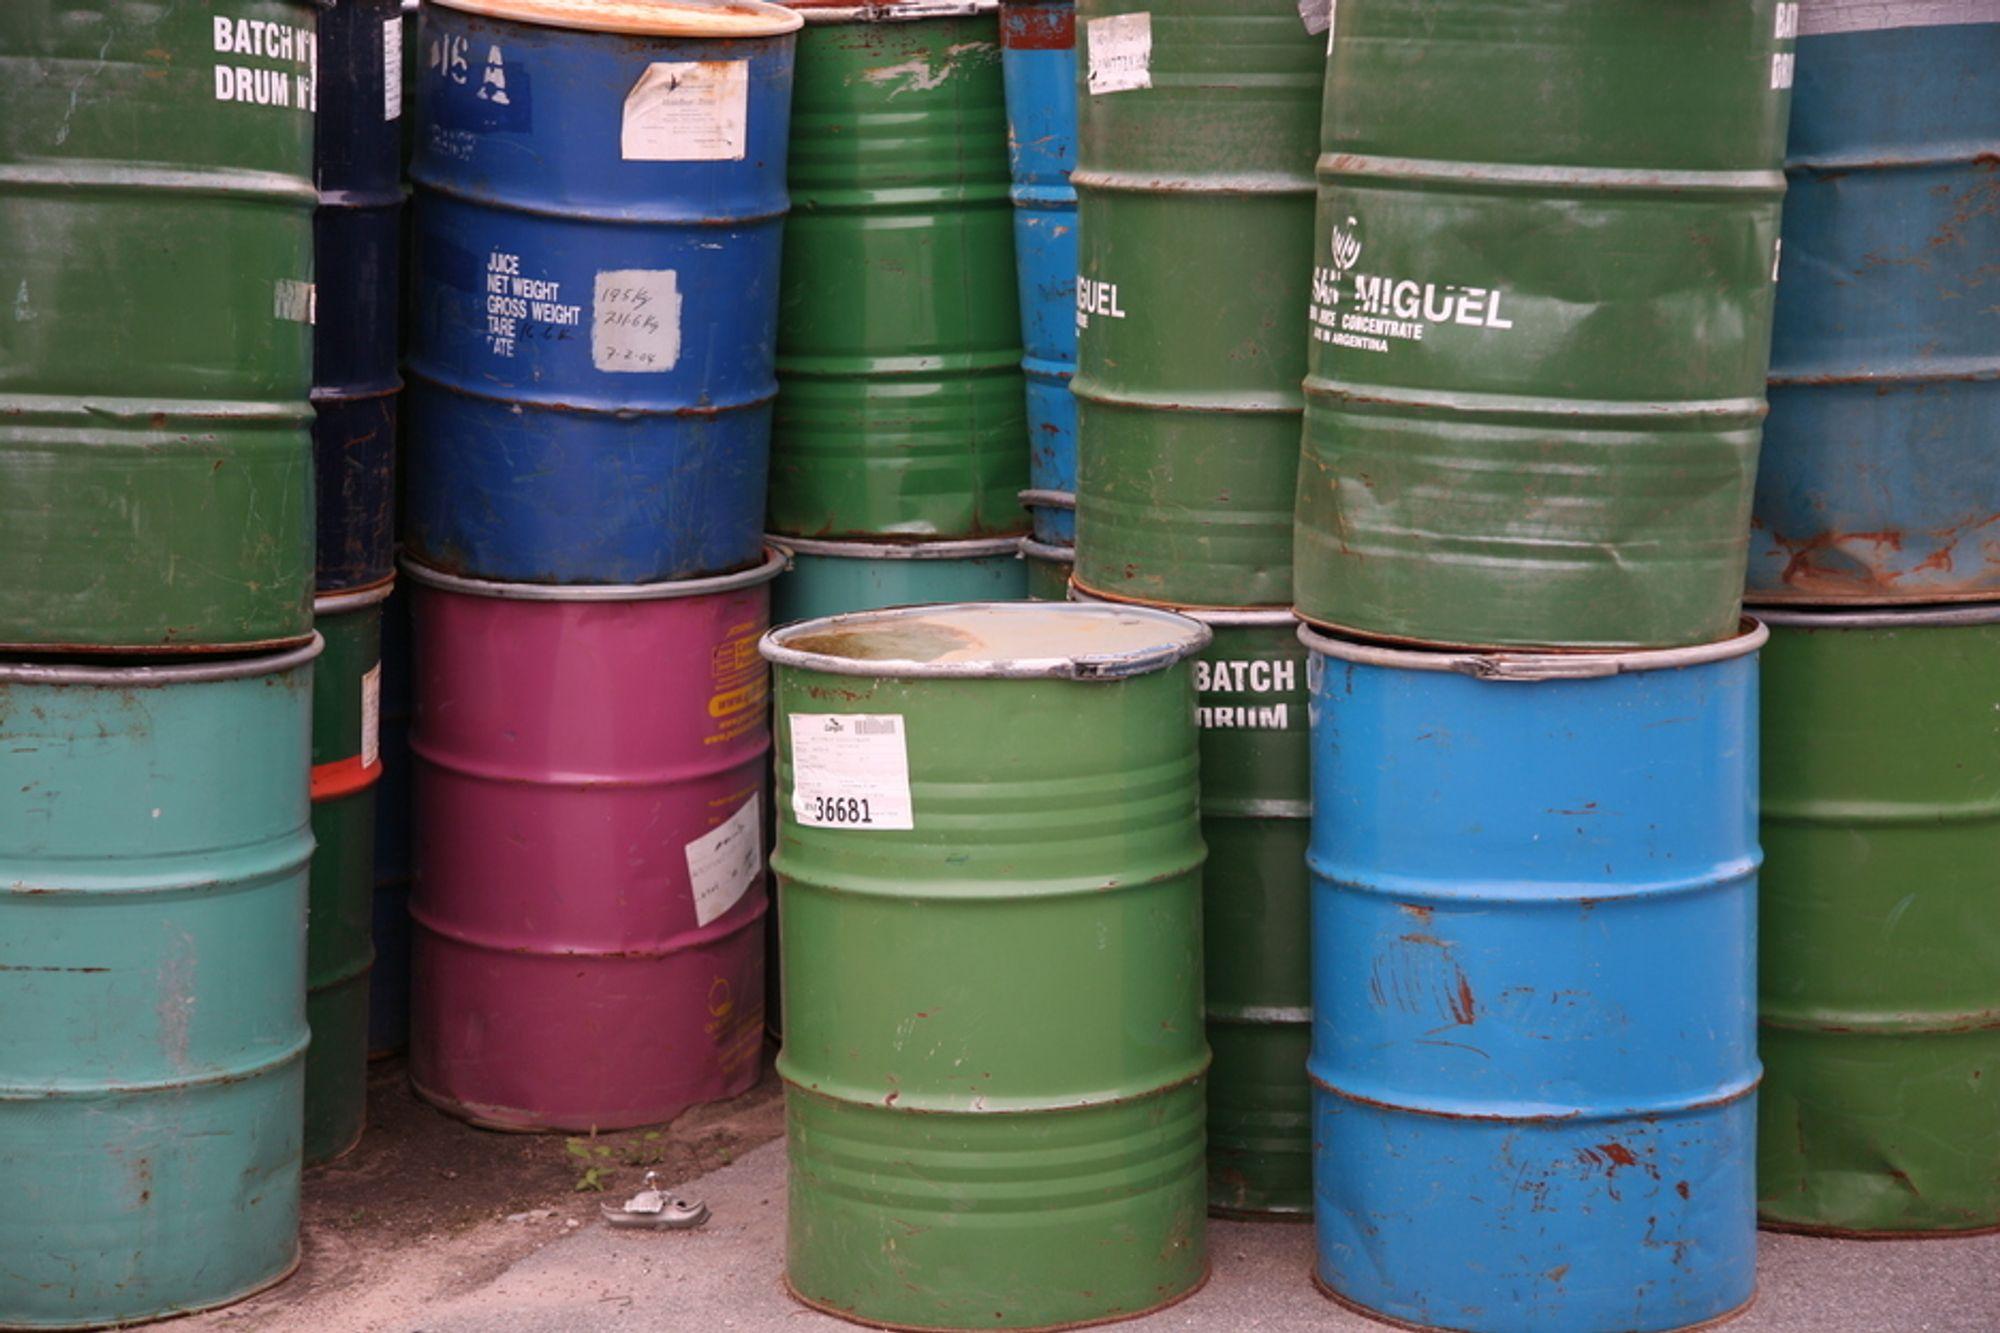 Prisen pr. fat olje går ned. Det gjør også produksjonen i august, ifølge nye tall fra OD.